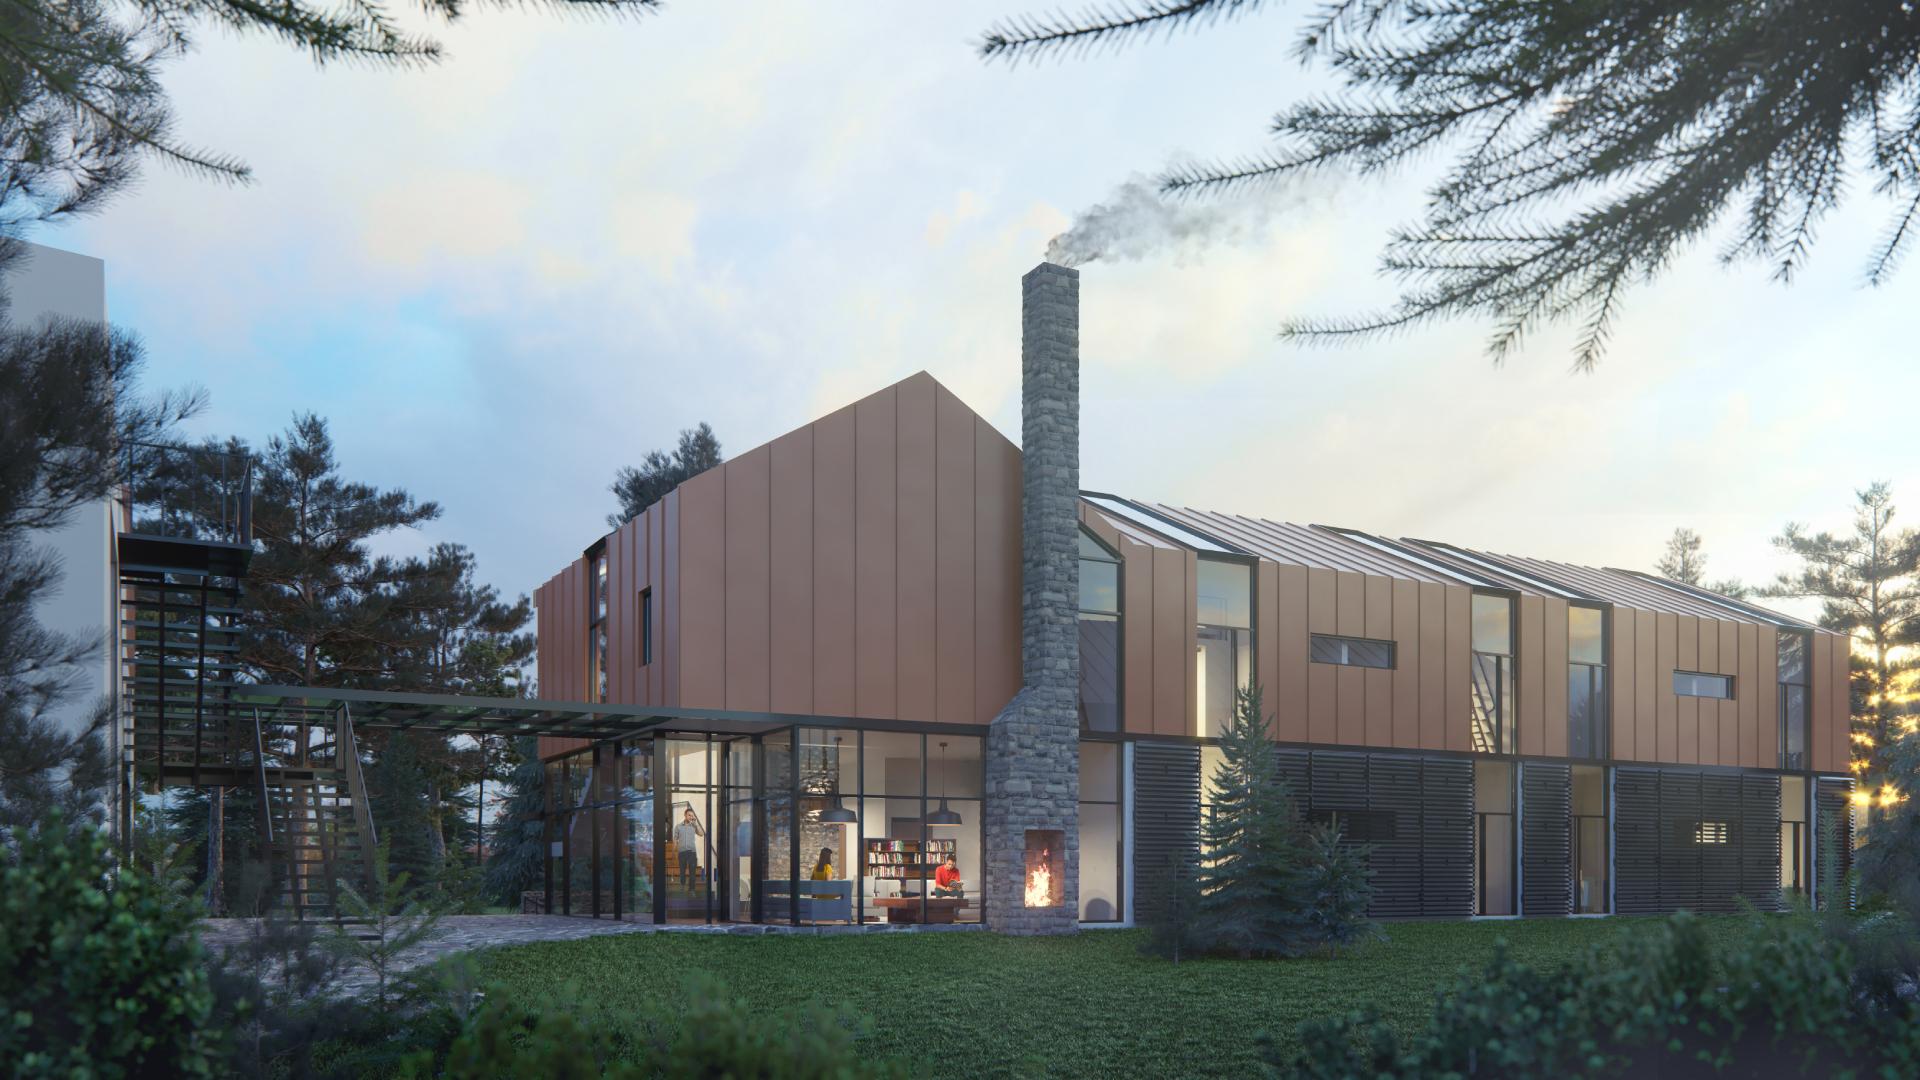 Studio ae: Cum concepi casele pasive și clădirile inteligente în fu